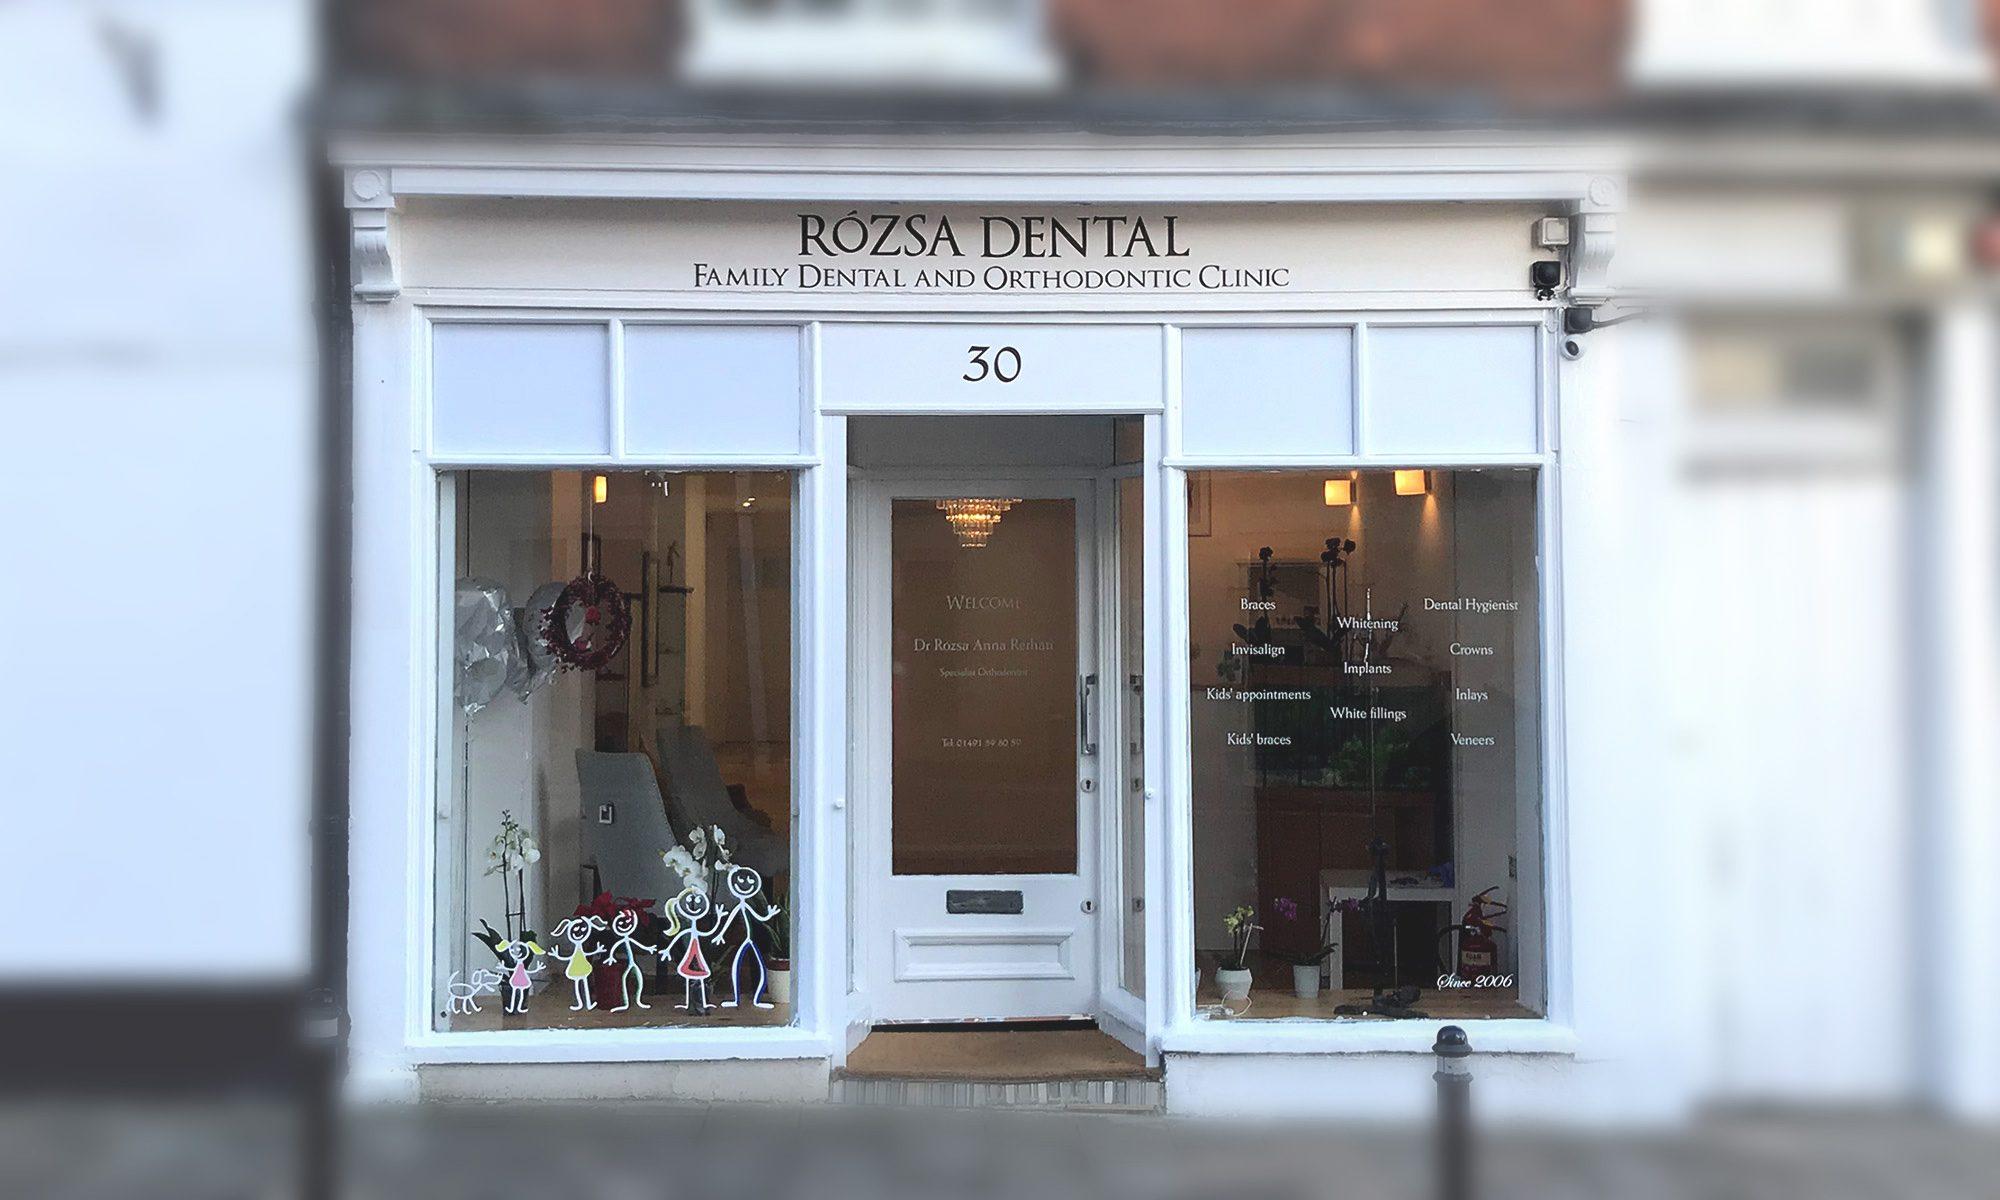 Rozsa Dental